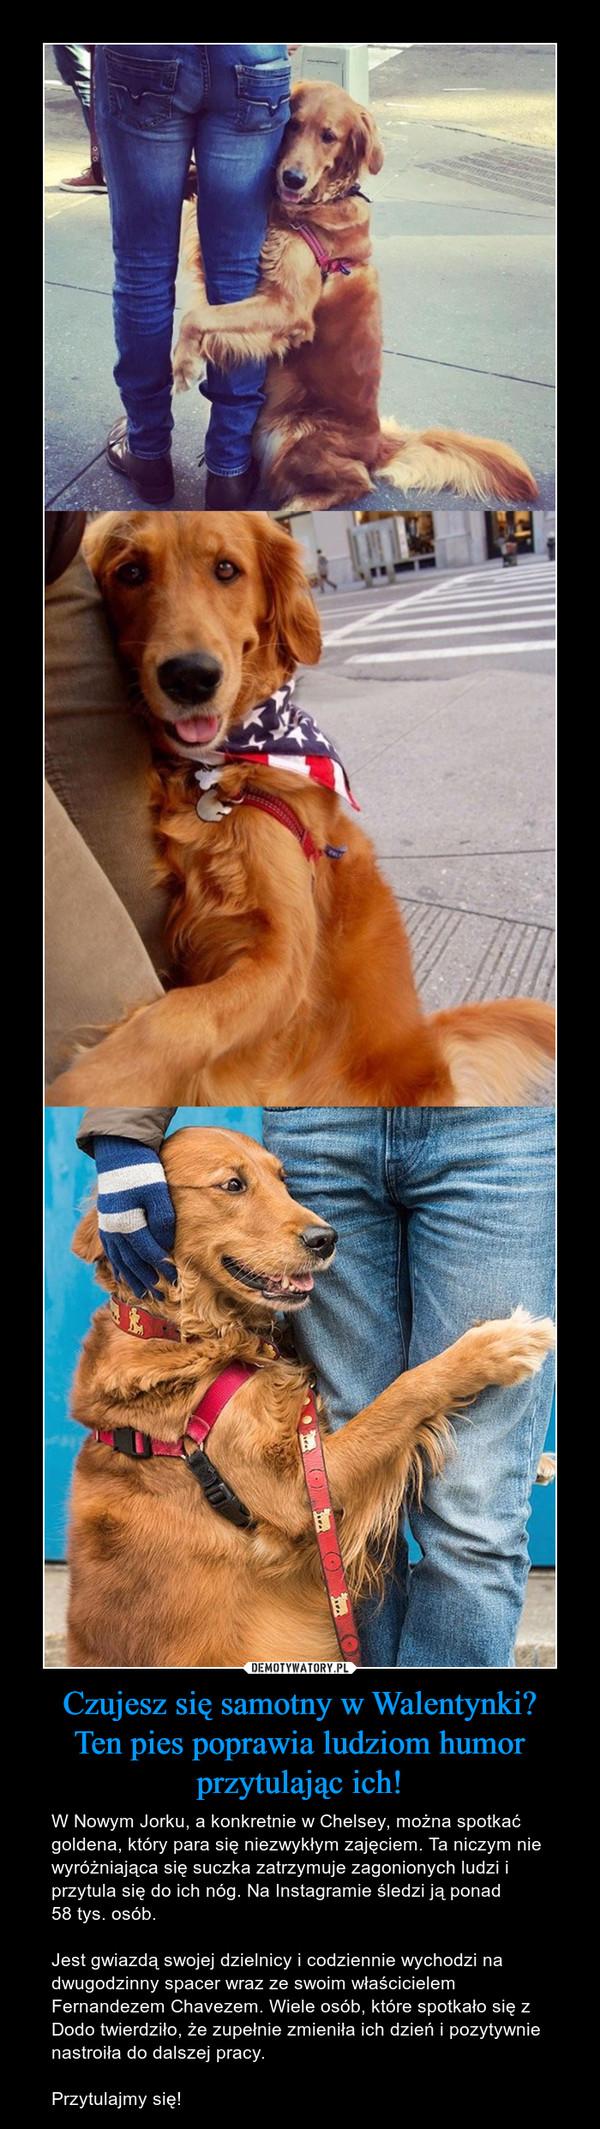 Czujesz się samotny w Walentynki?Ten pies poprawia ludziom humor przytulając ich! – W Nowym Jorku, a konkretnie w Chelsey, można spotkać goldena, który para się niezwykłym zajęciem. Ta niczym nie wyróżniająca się suczka zatrzymuje zagonionych ludzi i przytula się do ich nóg. Na Instagramie śledzi ją ponad 58 tys. osób. Jest gwiazdą swojej dzielnicy i codziennie wychodzi na dwugodzinny spacer wraz ze swoim właścicielem Fernandezem Chavezem. Wiele osób, które spotkało się z Dodo twierdziło, że zupełnie zmieniła ich dzień i pozytywnie nastroiła do dalszej pracy.Przytulajmy się!